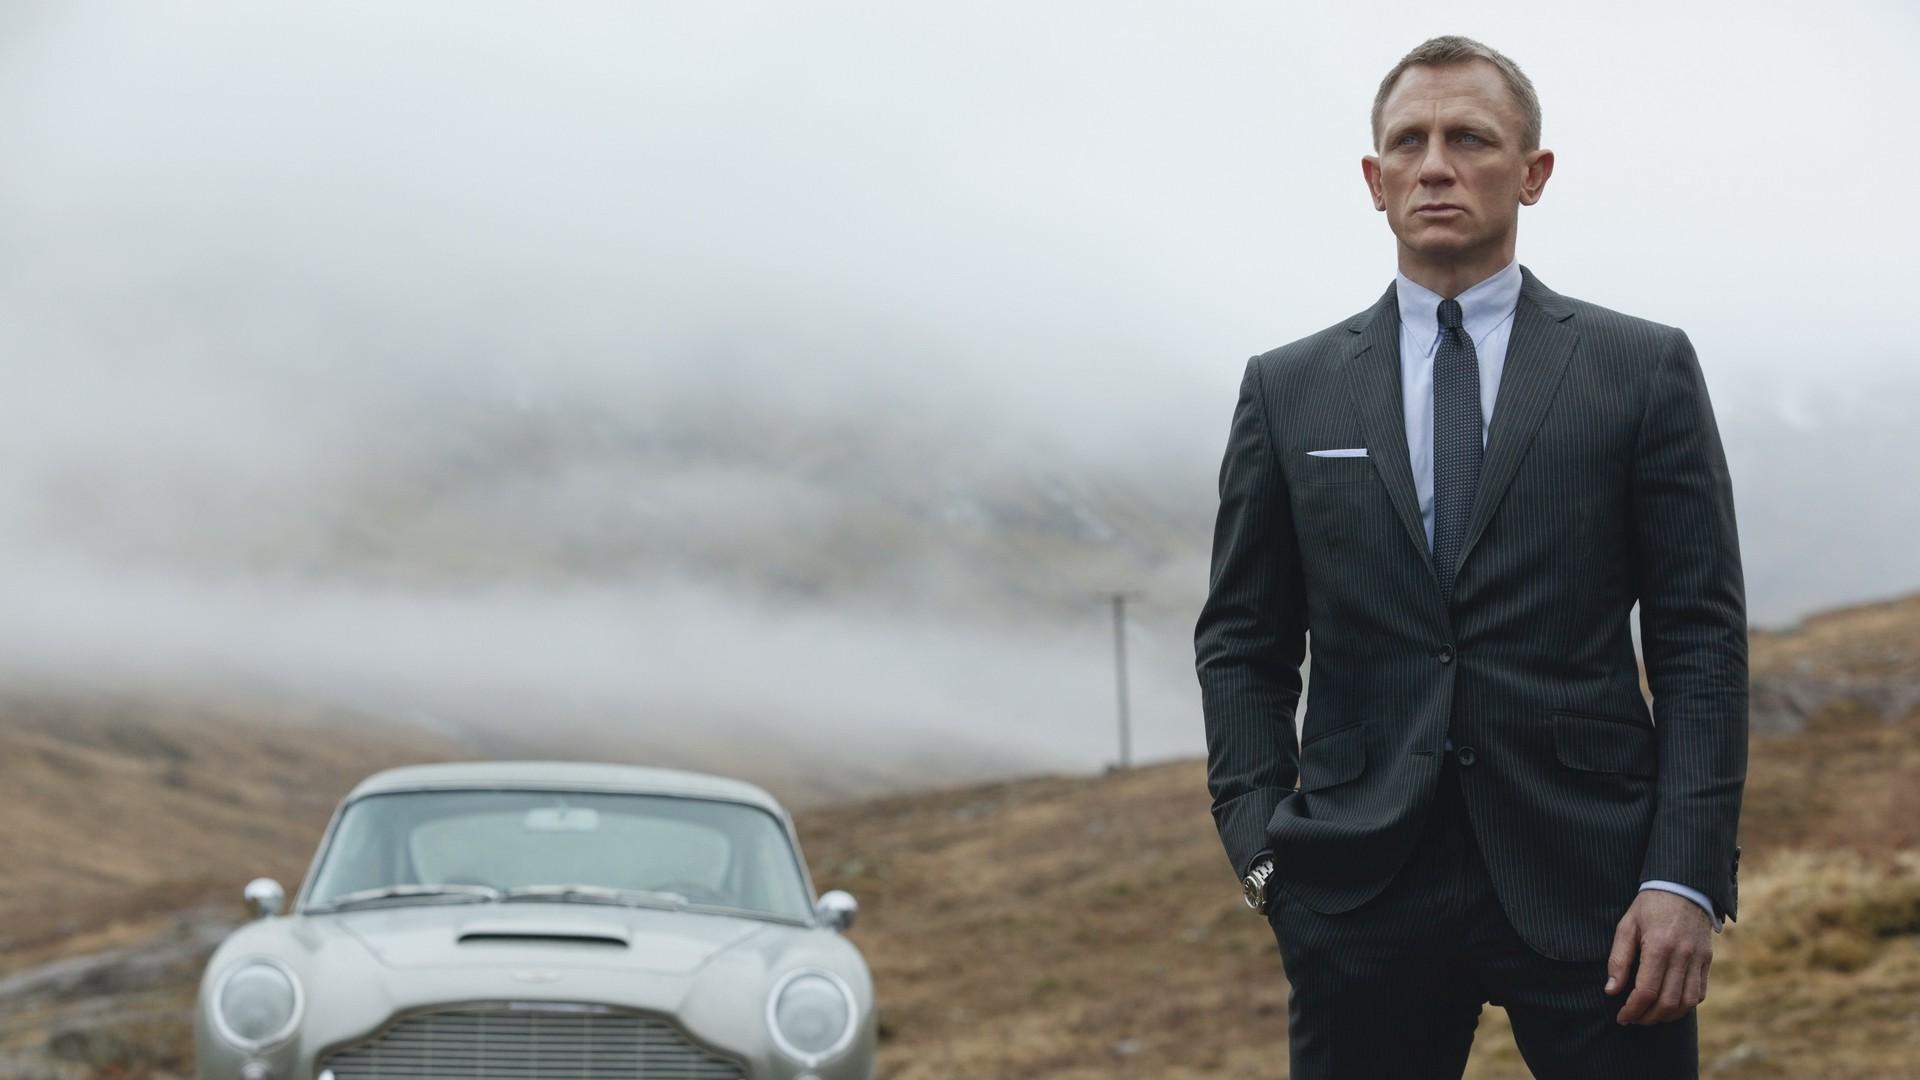 James Bond Wallpaper Daniel Craig - WallpaperSafari